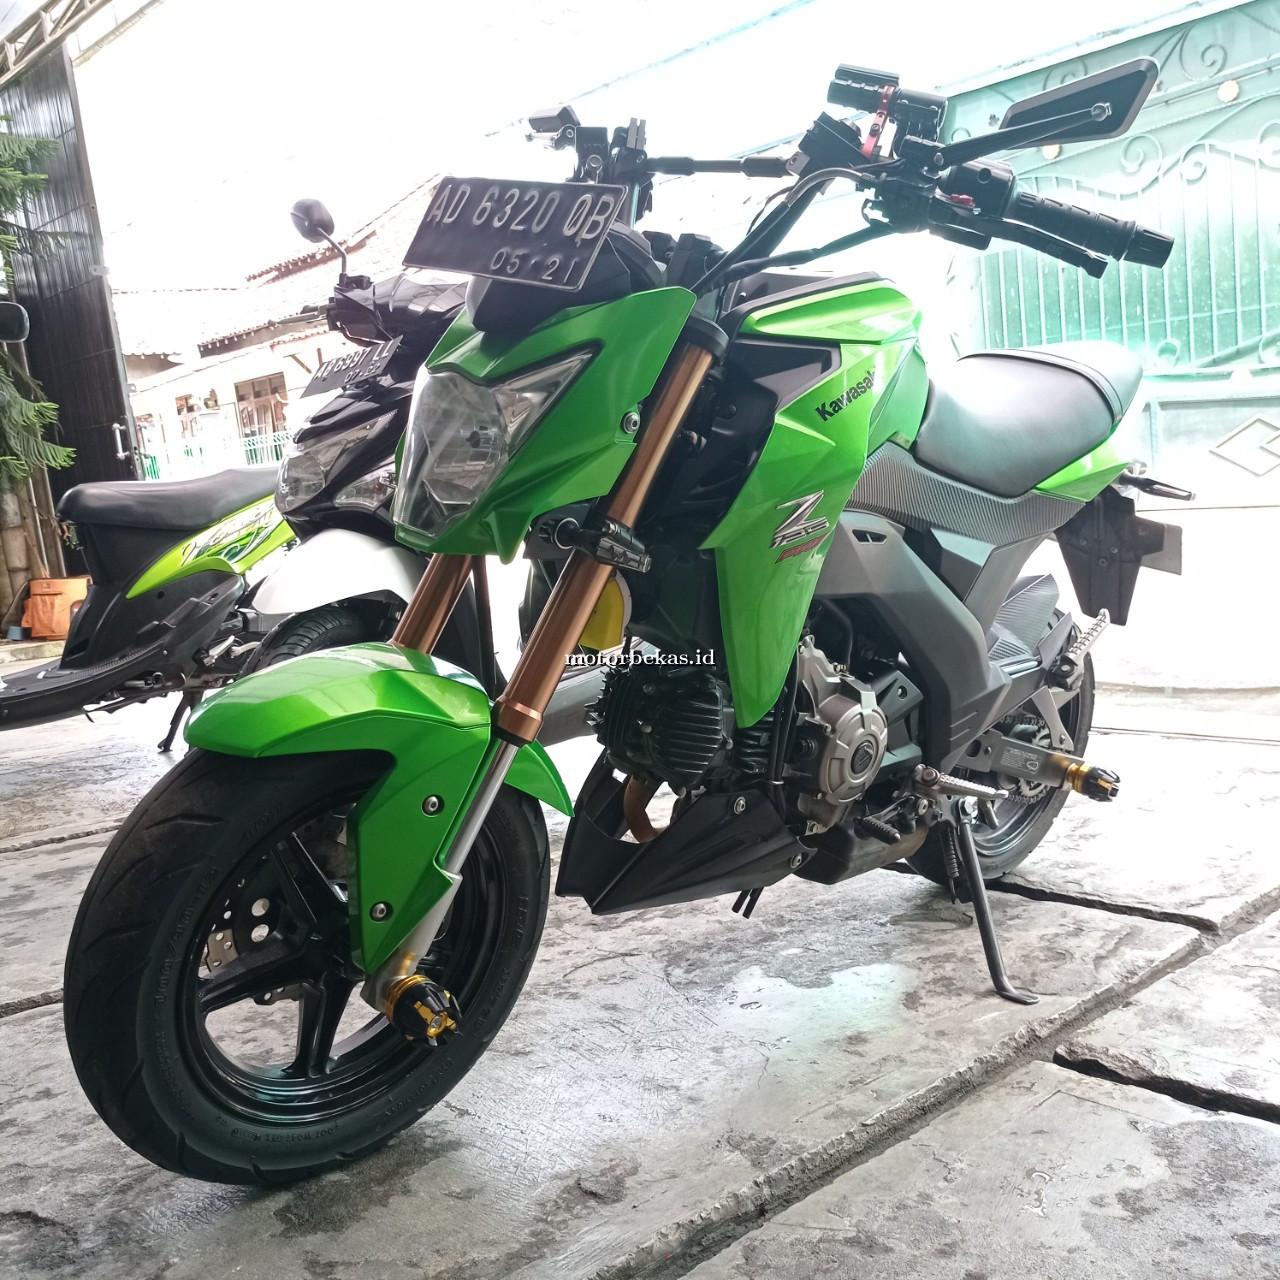 KAWASAKI D-TRACKER  123 motorbekas.id